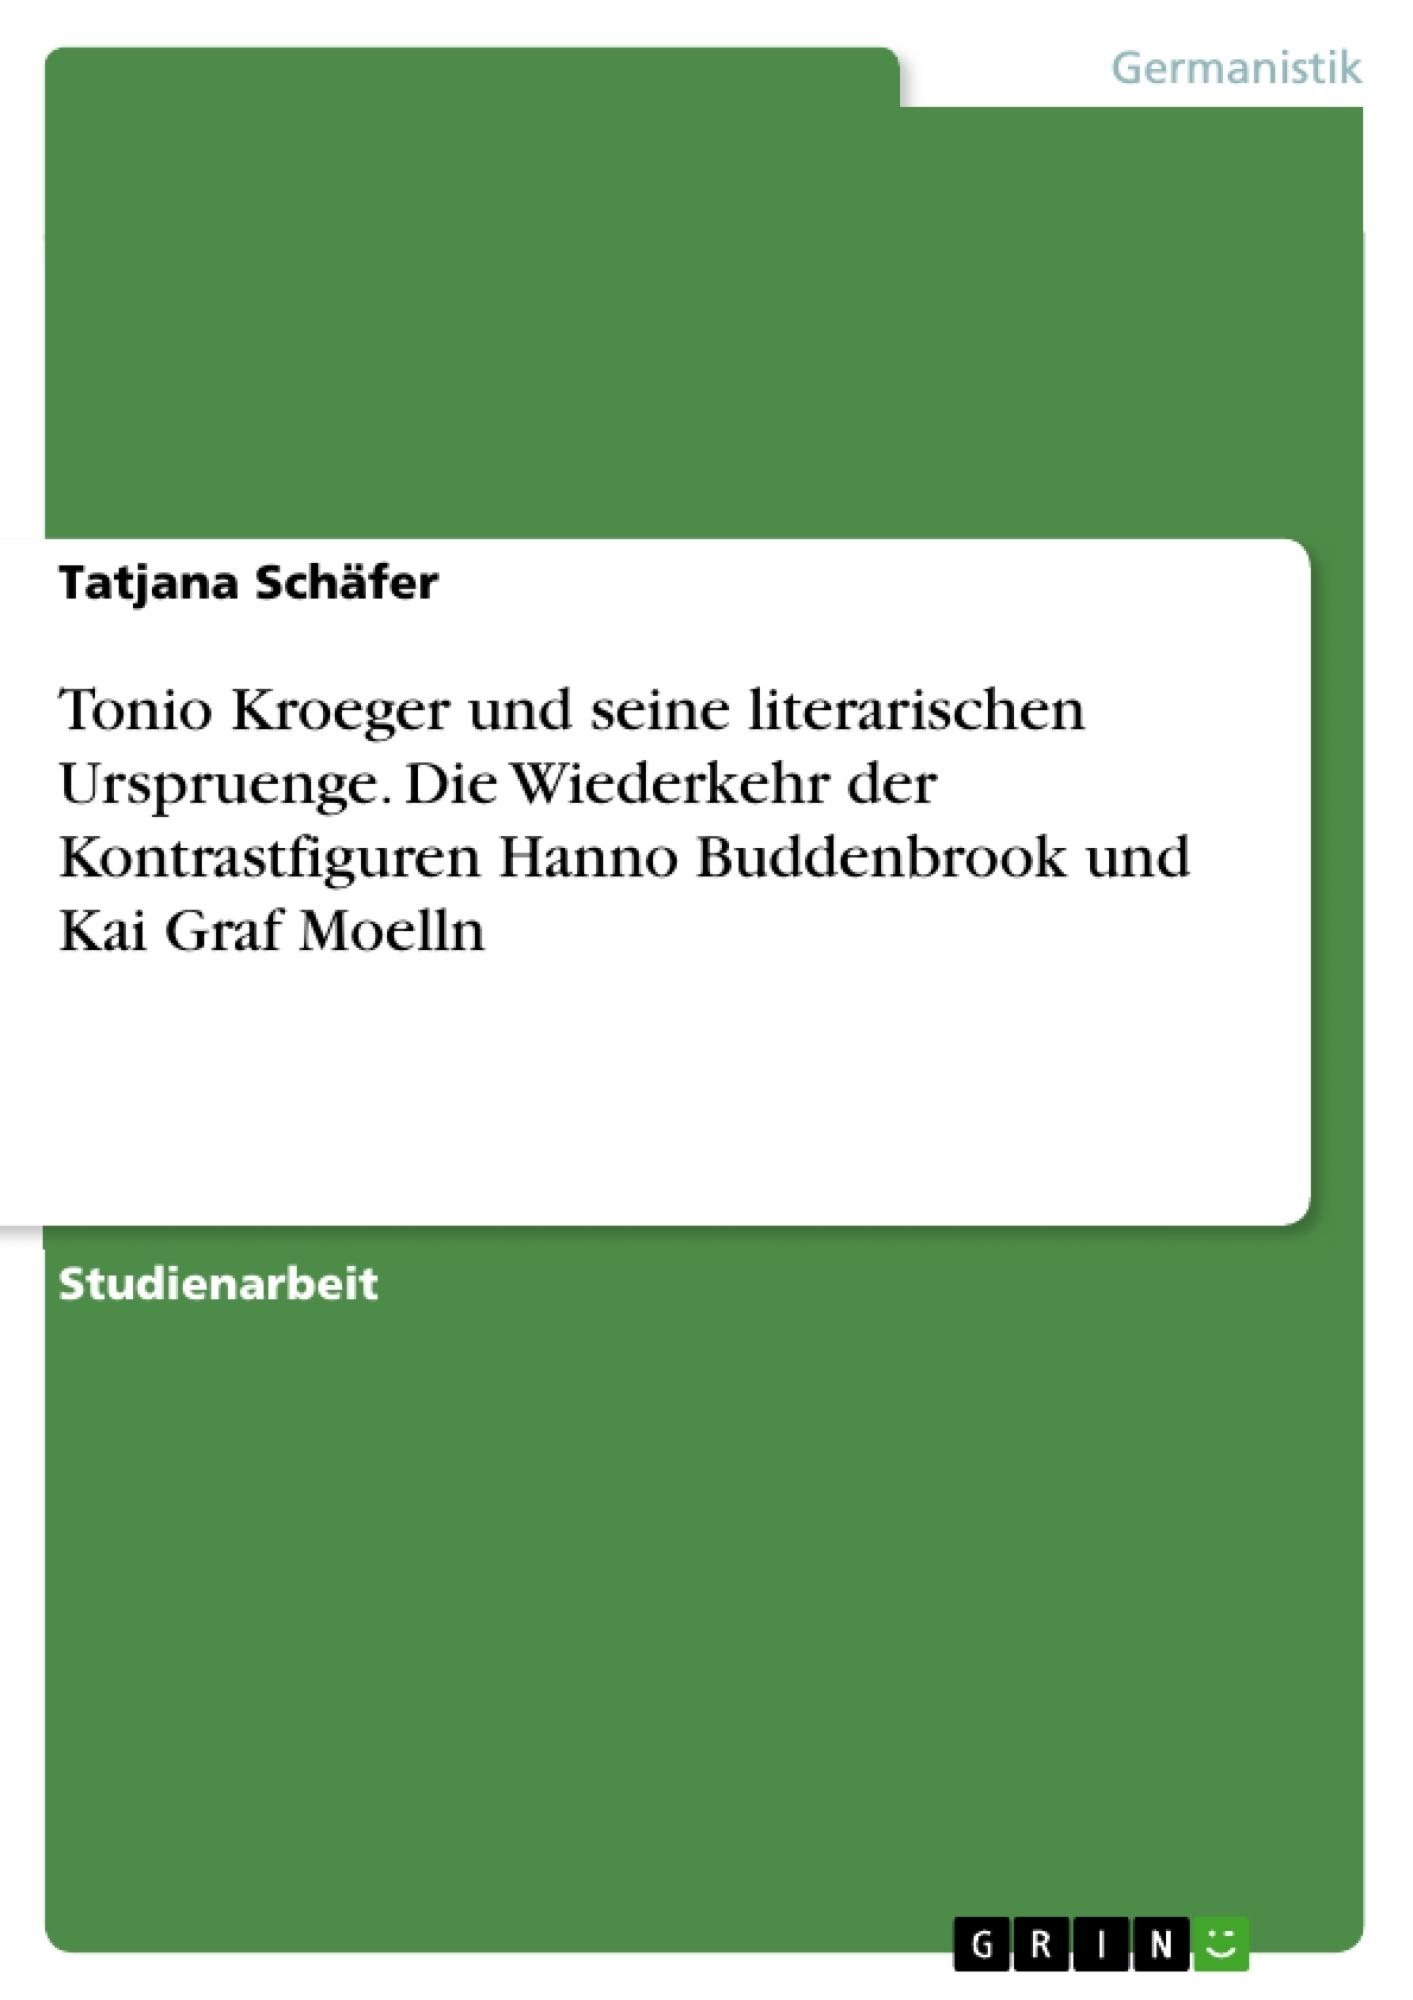 Titel: Tonio Kroeger und seine literarischen Urspruenge. Die Wiederkehr der Kontrastfiguren Hanno Buddenbrook und Kai Graf Moelln